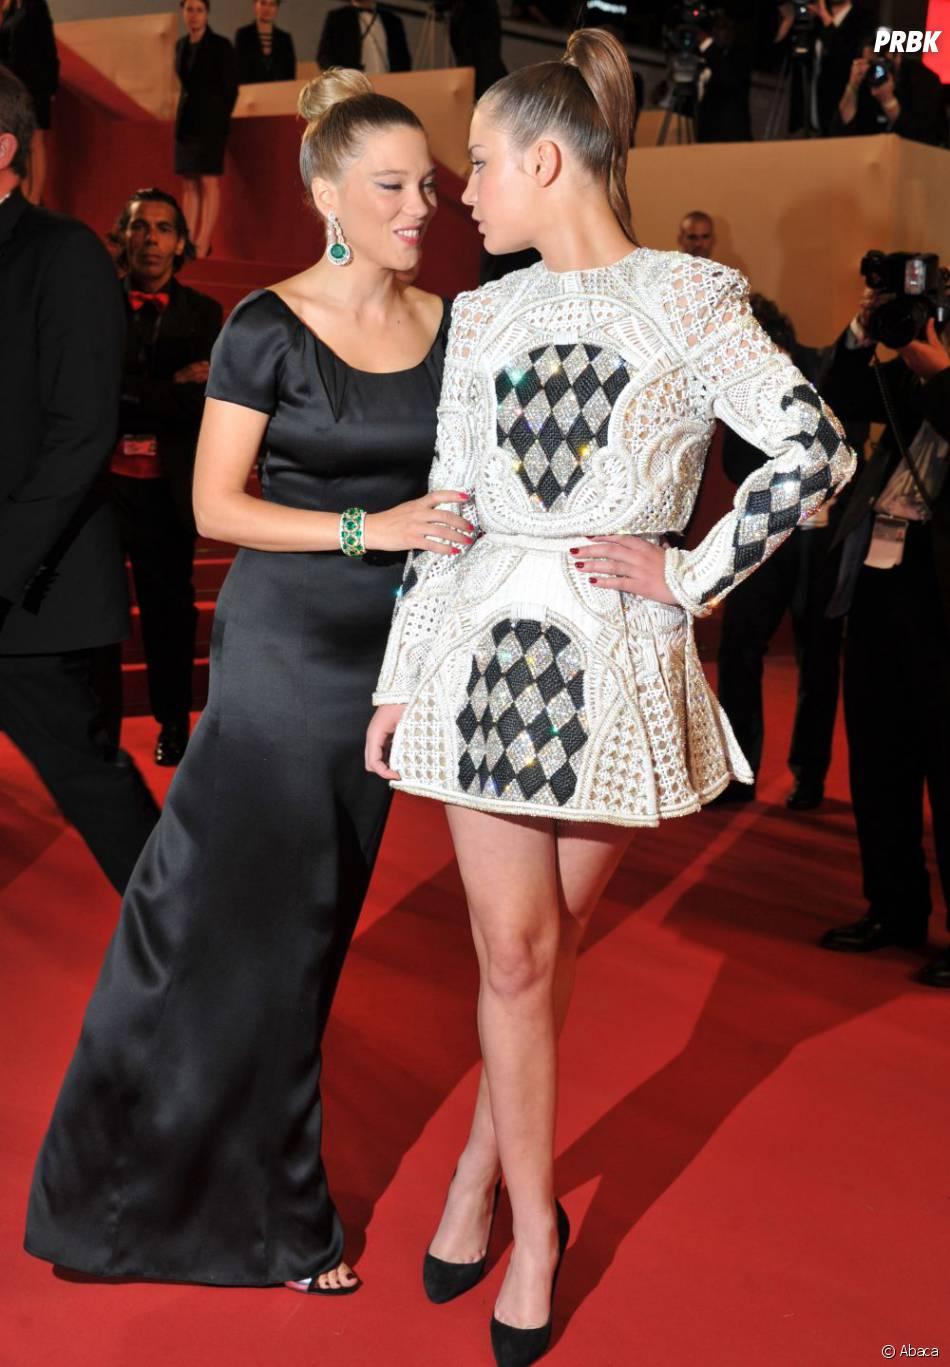 Léa Seydoux - ici avec Adèle Exarchopoulos - pourrait rejoindre le casting de James Bond 24